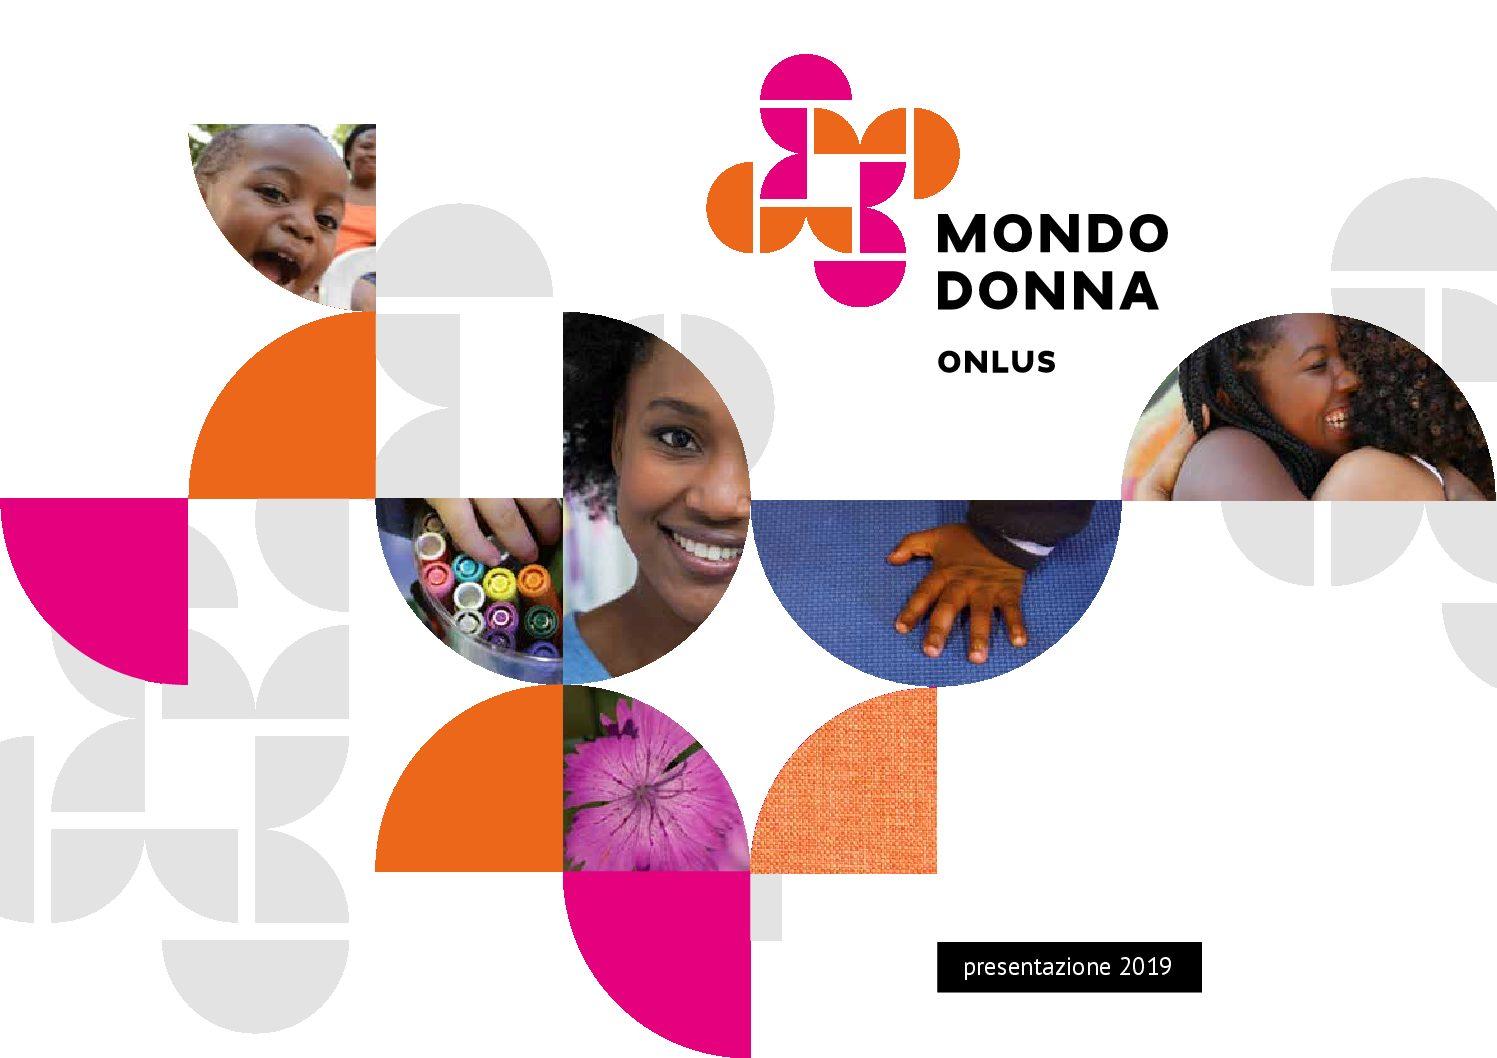 MONDODONNA presentazione 2019